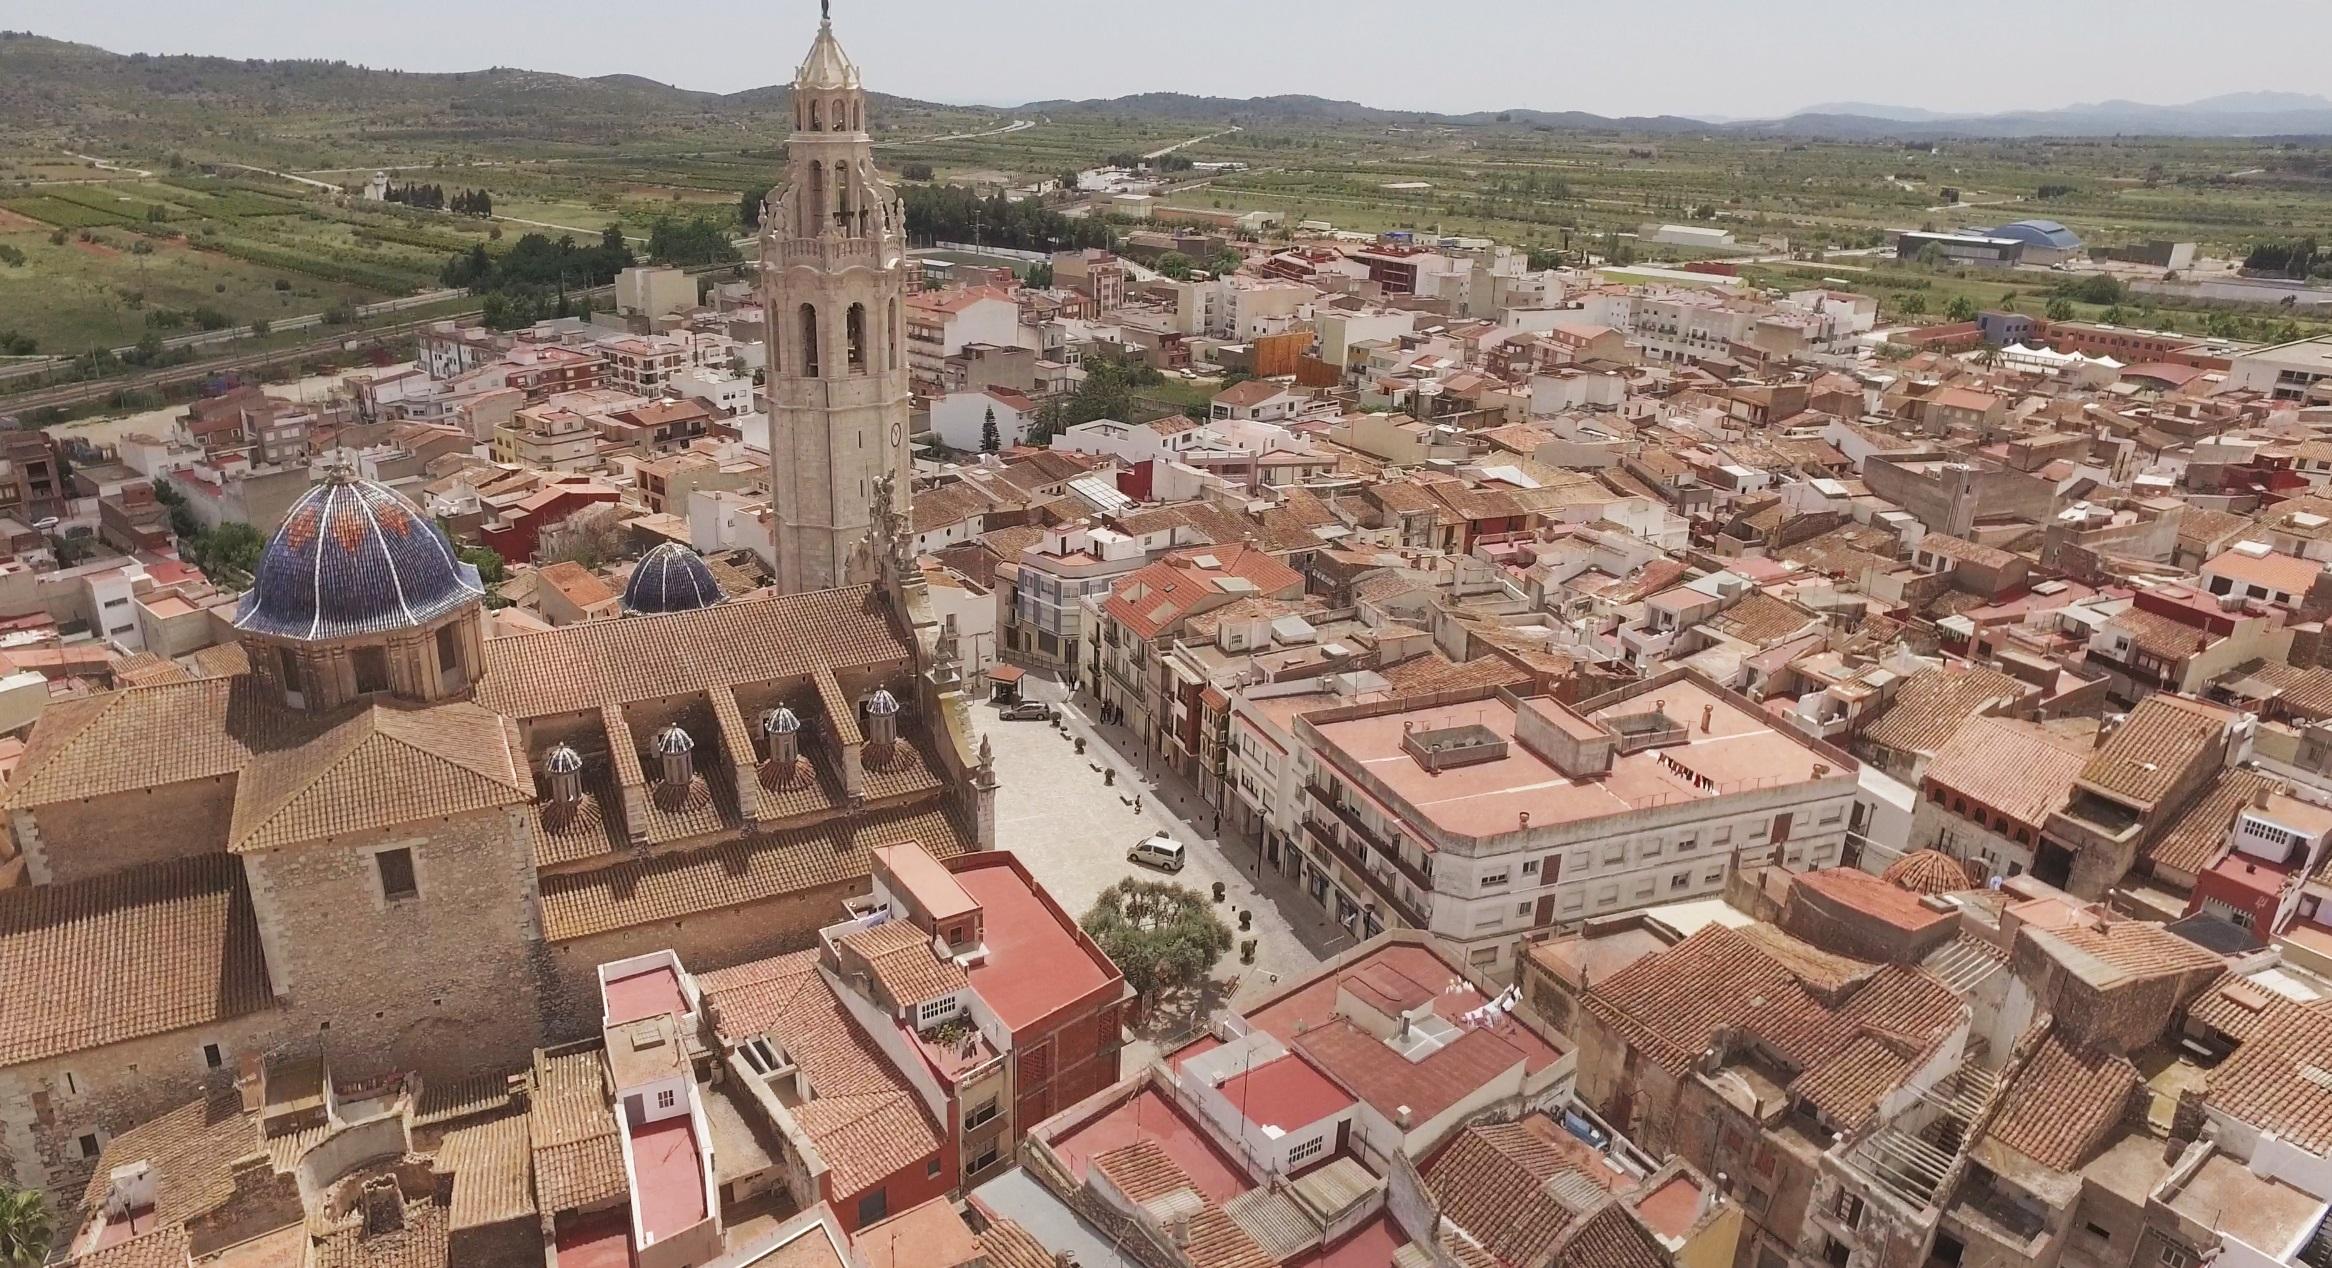 L'Ajuntament d'Alcalà-Alcossebre elaborarà un nou reglament per a l'ús de drons per part de la Policia Local